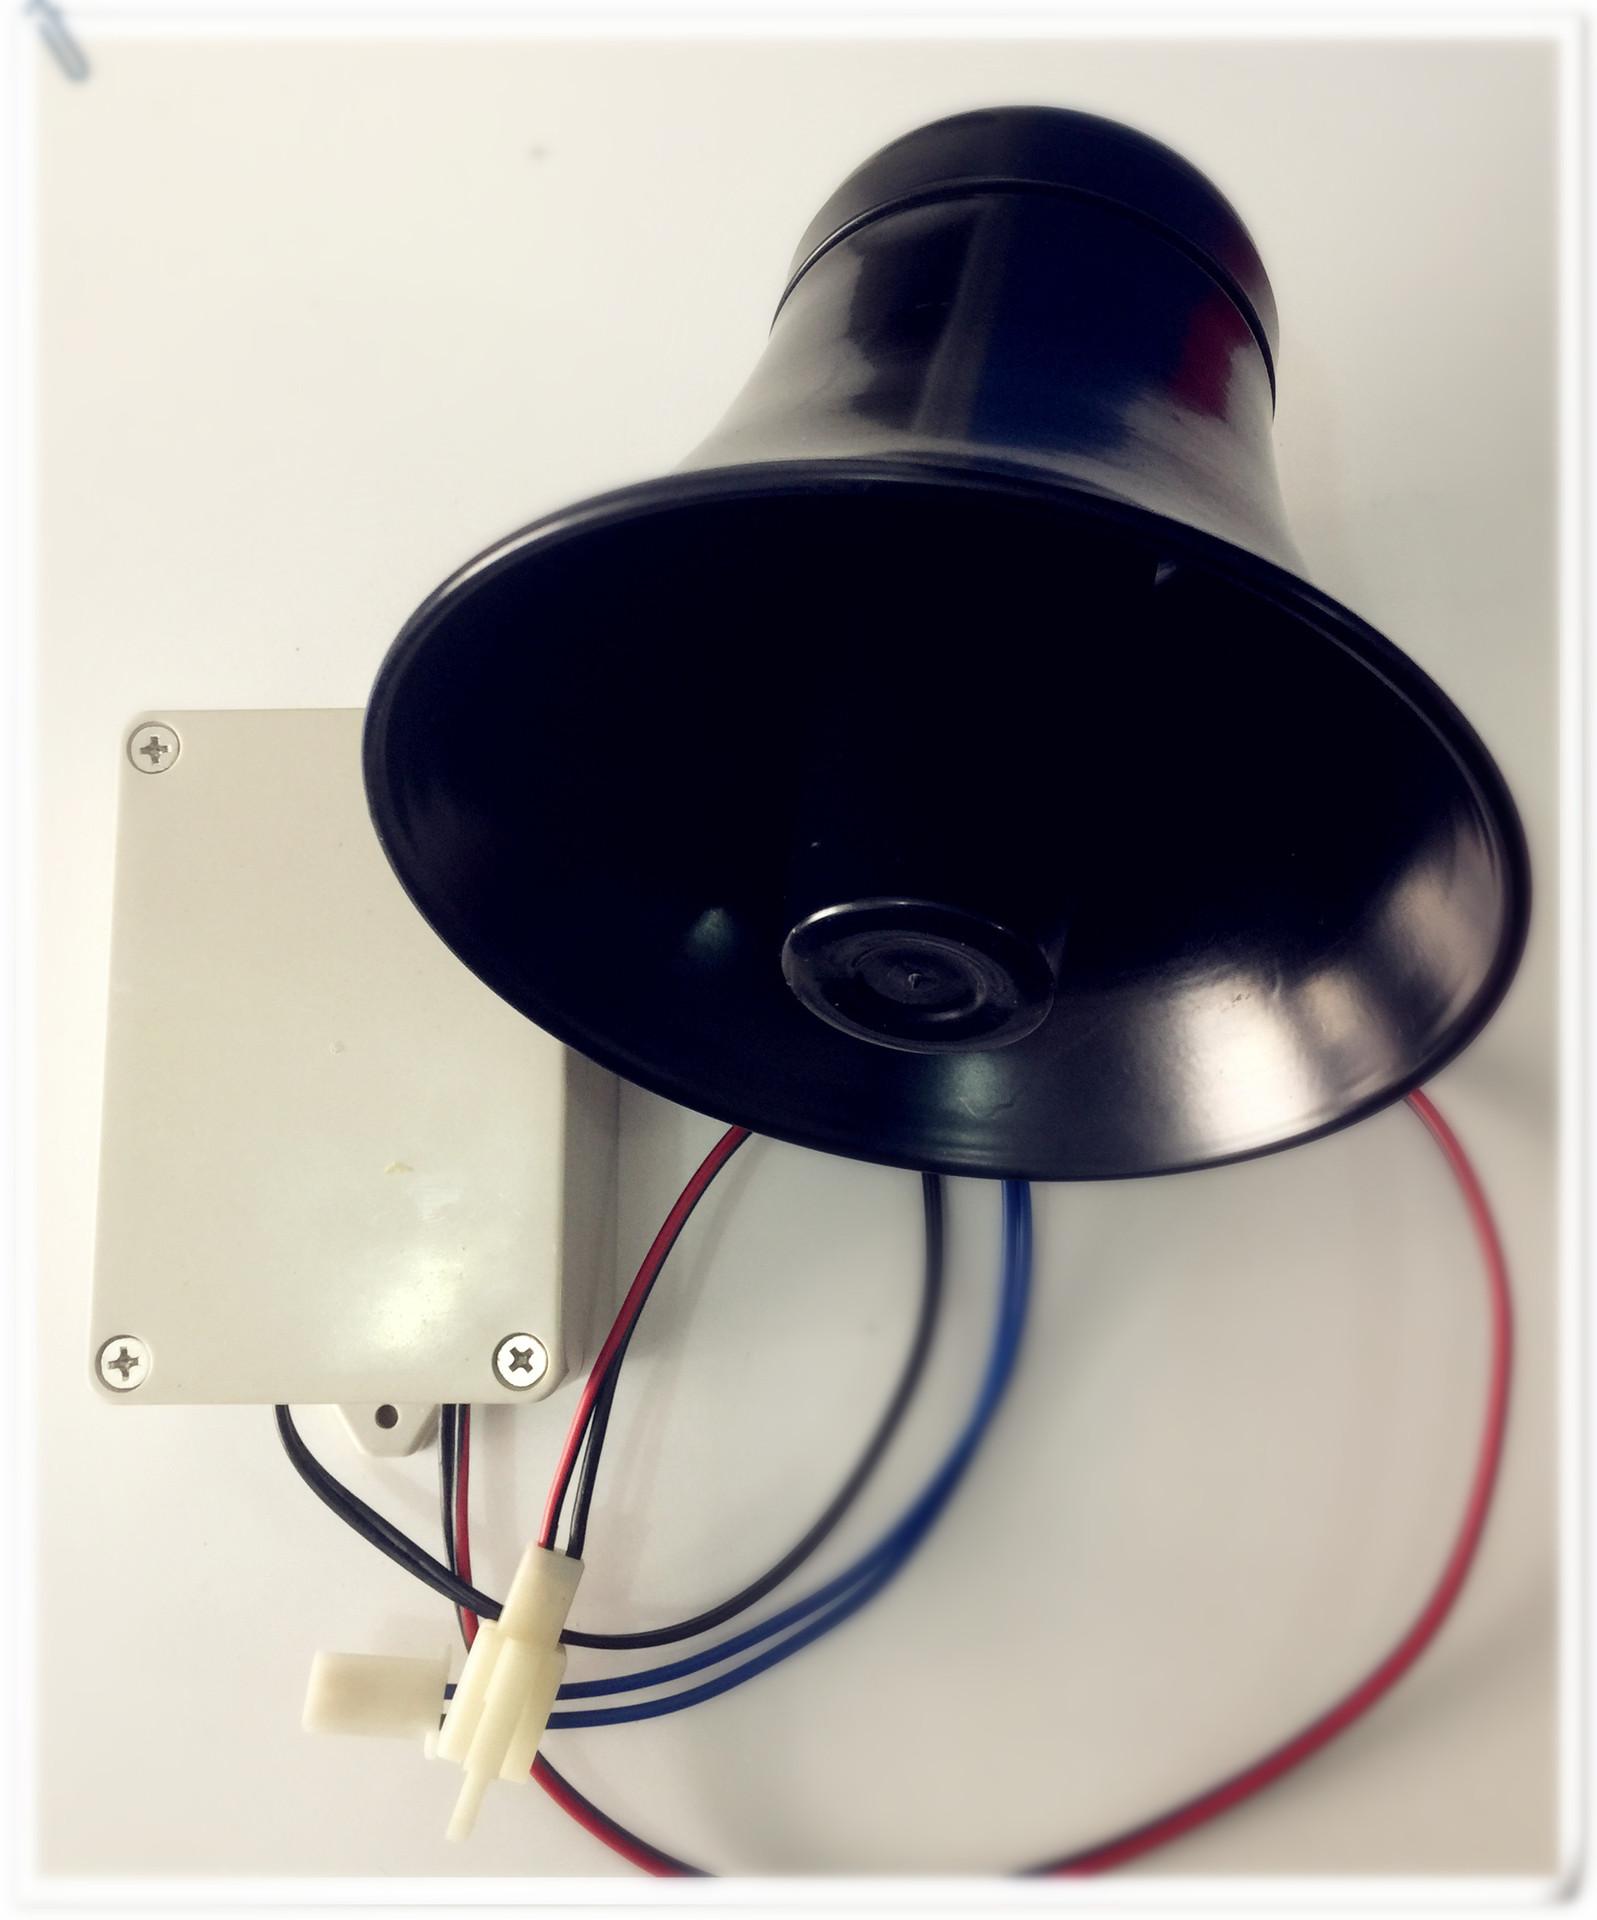 大功率语音报警器,语音报警器,语音提示器,通电即响